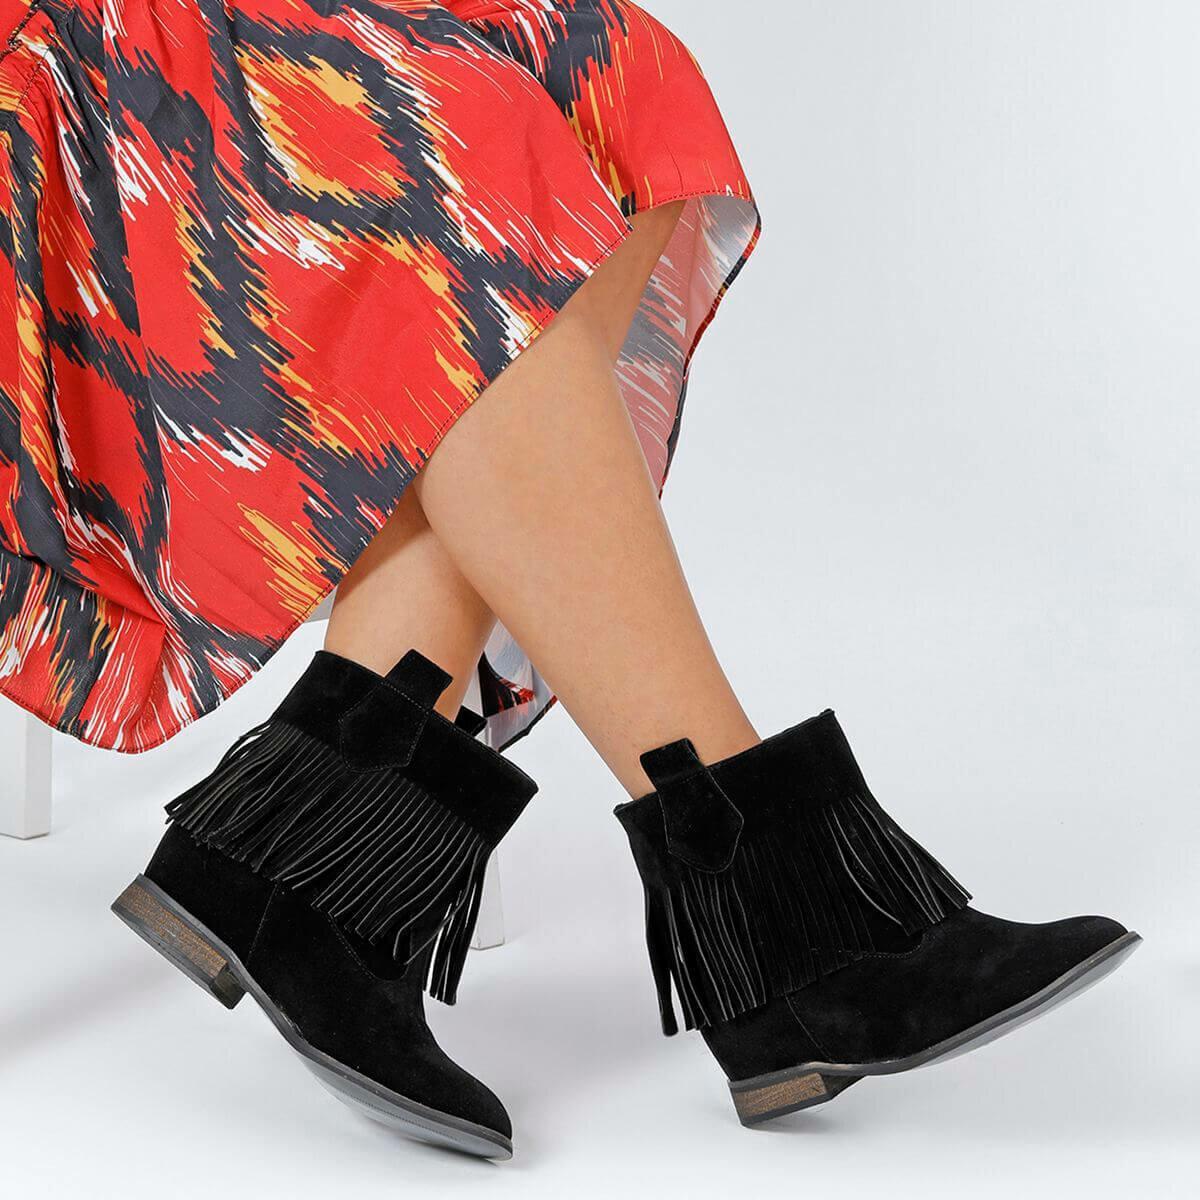 حذاء بوت نسائي أسود FLO CASPER 85Z من BUTIGO